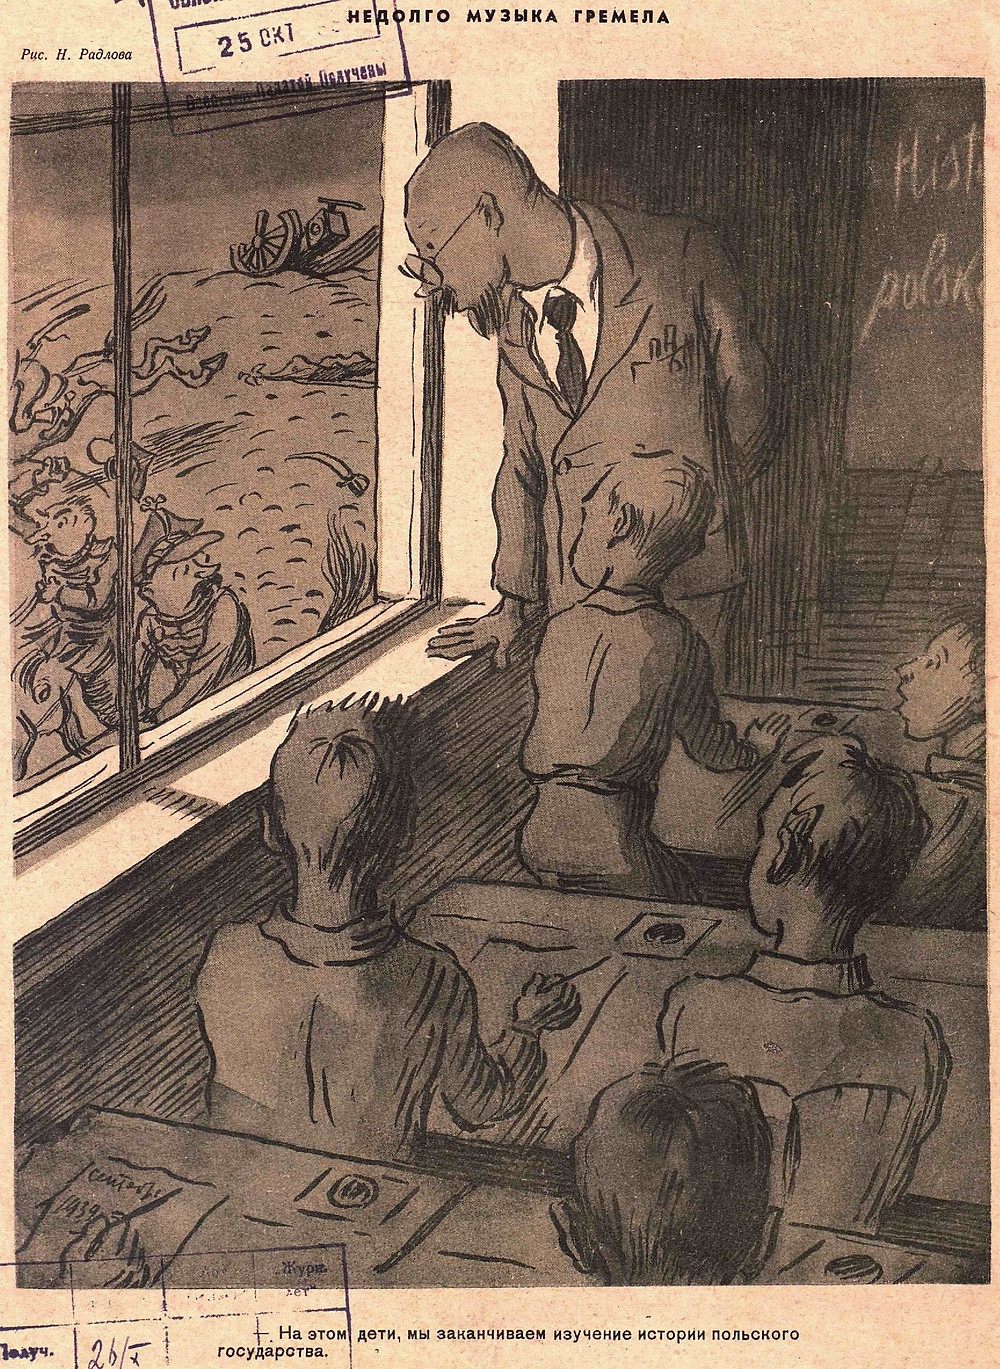 Журнал крокодил 1939г, №28.1. Секретный пакт Молотова, оккупация Польши. Комиксы СССР.